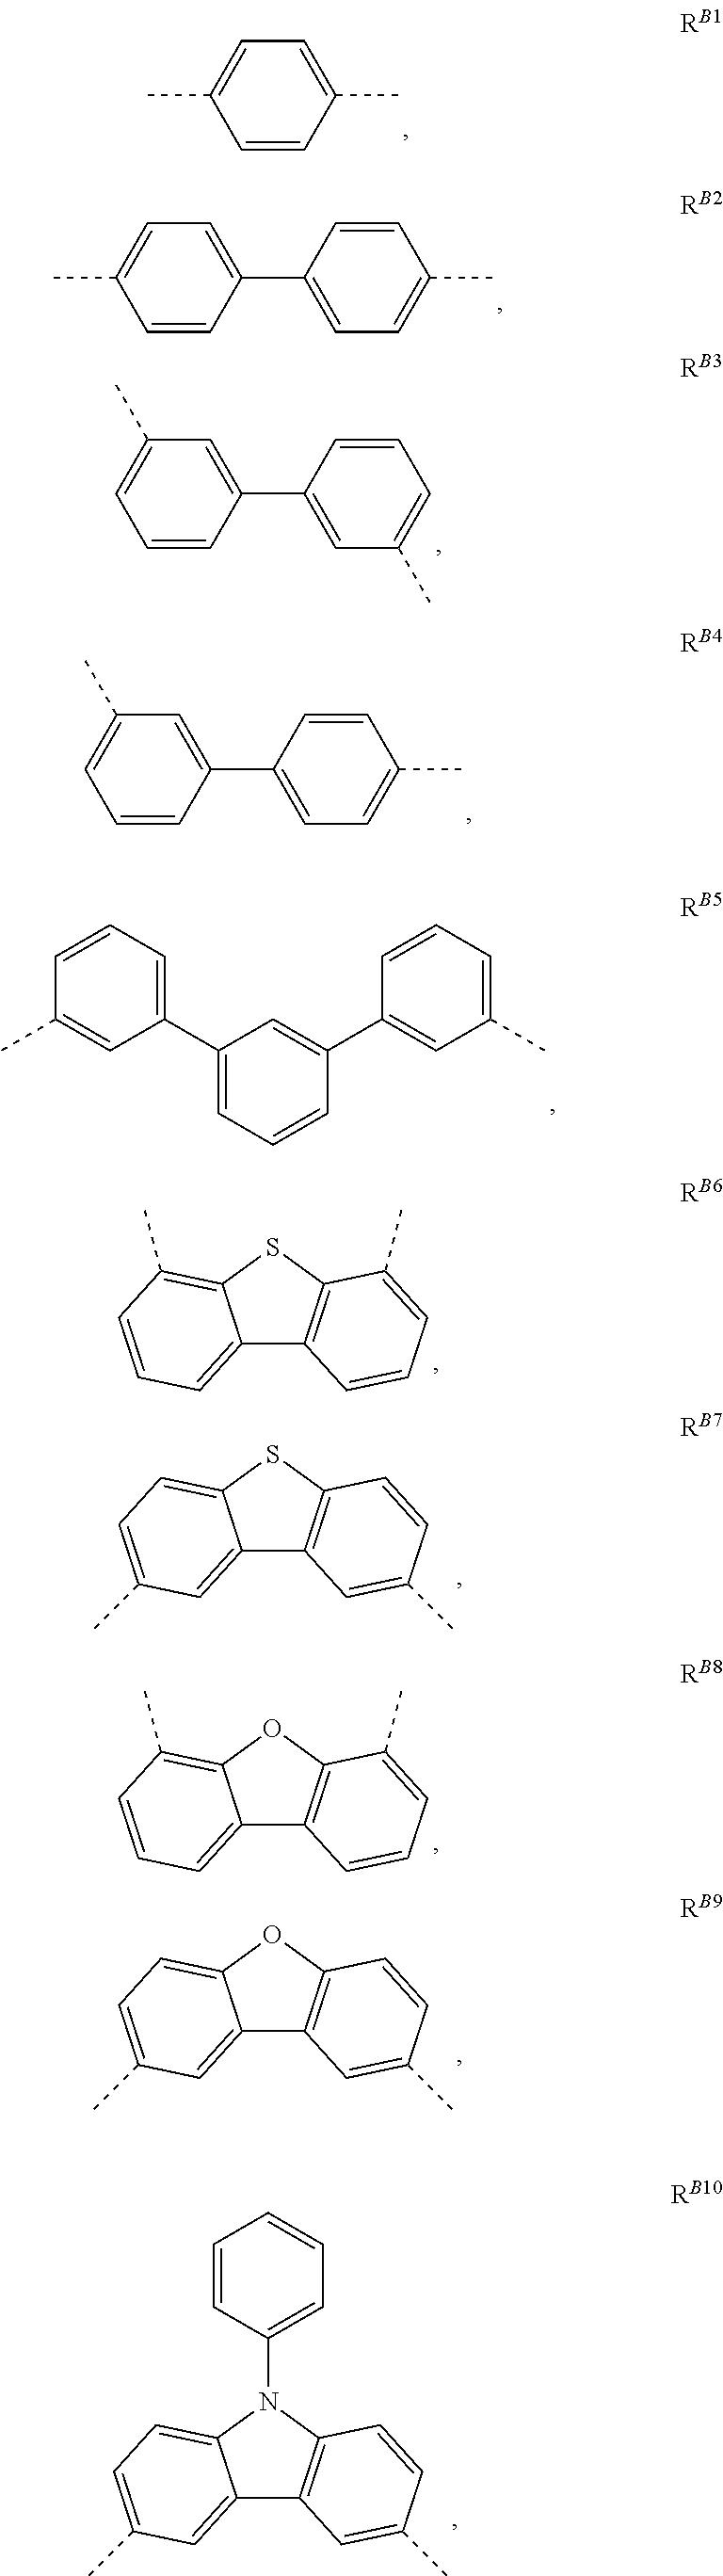 Figure US09761814-20170912-C00016